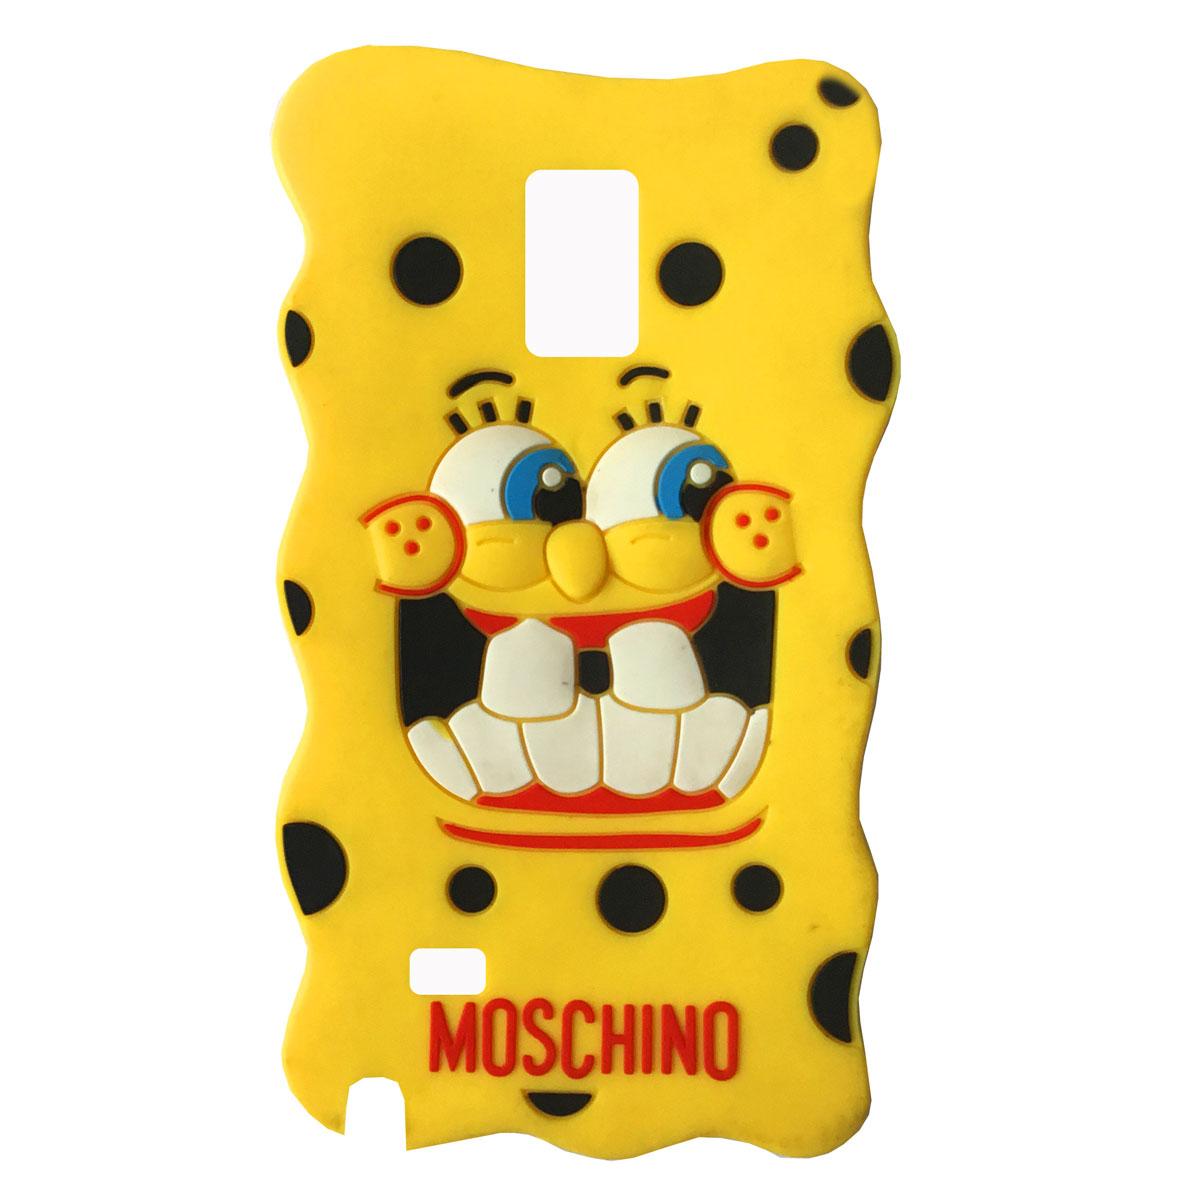 کاور ماسکینو کد S1059 مناسب برای گوشی موبایل سامسونگ Galaxy Note 4